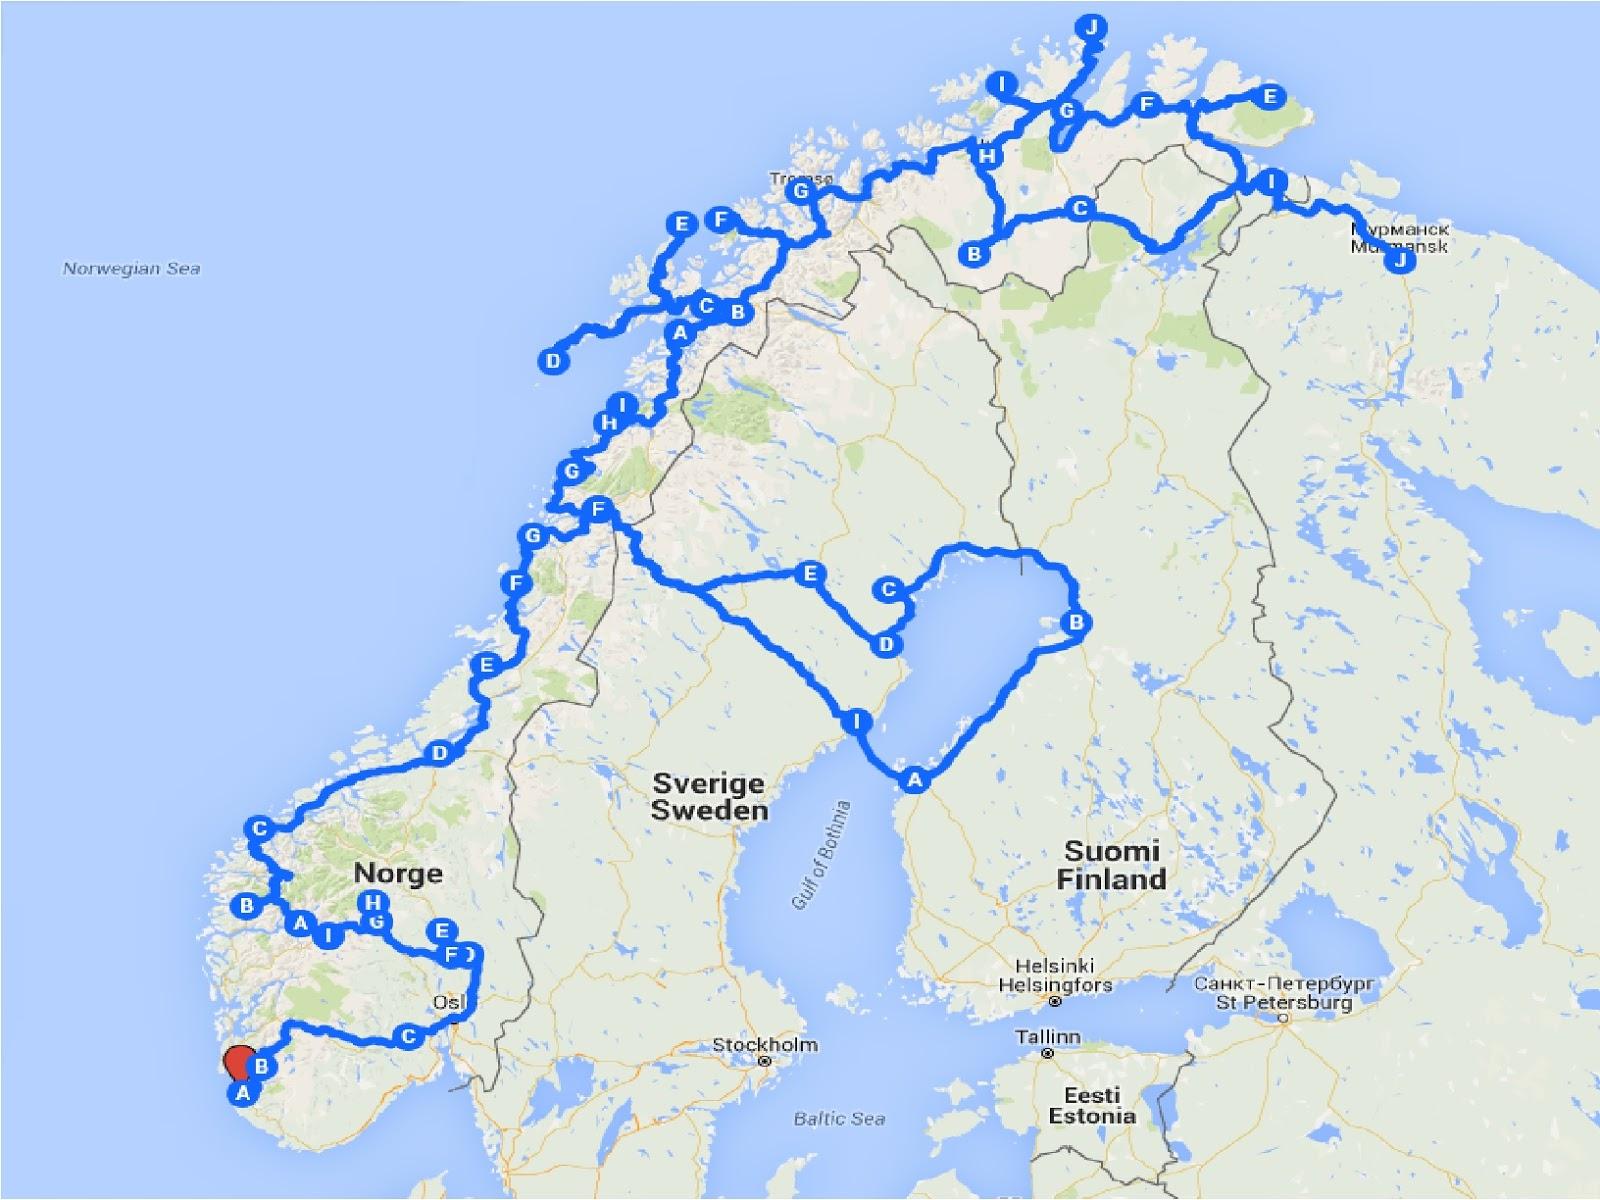 kart kjørerute norge Janne og Franks reise og bobilblogg: Vår reviderte kjørerute i Norge. kart kjørerute norge